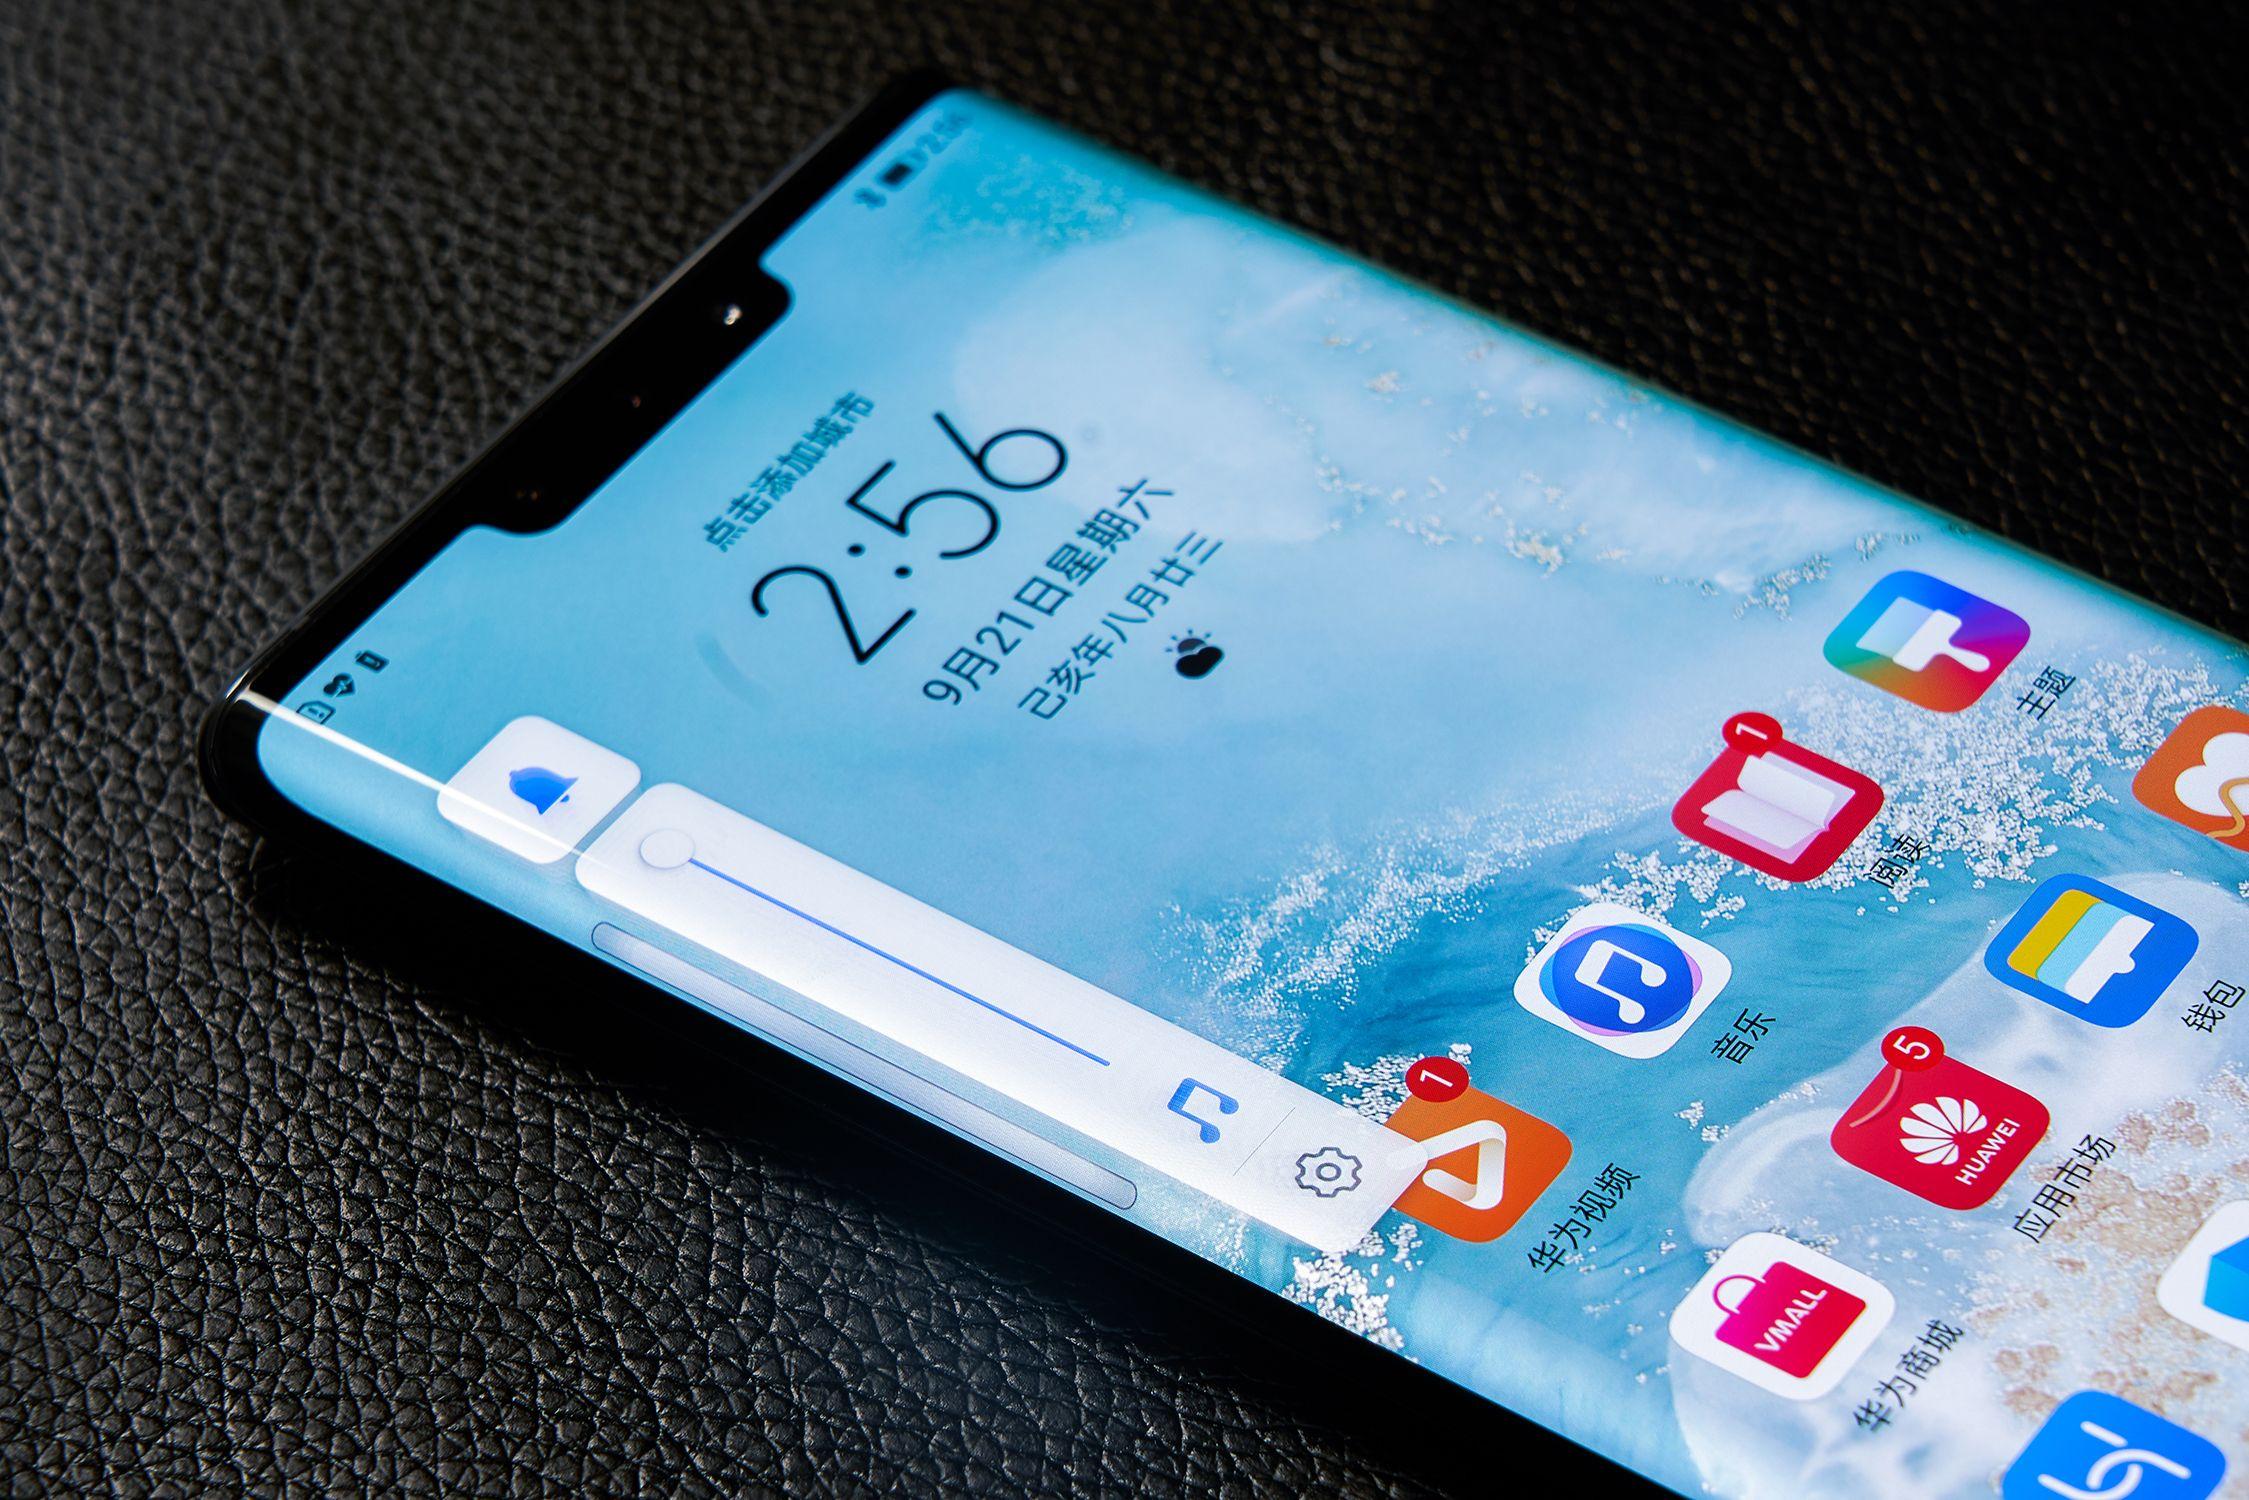 华为Mate30 Pro上手评测:超曲面环幕屏,影像能力提升明显的照片 - 3